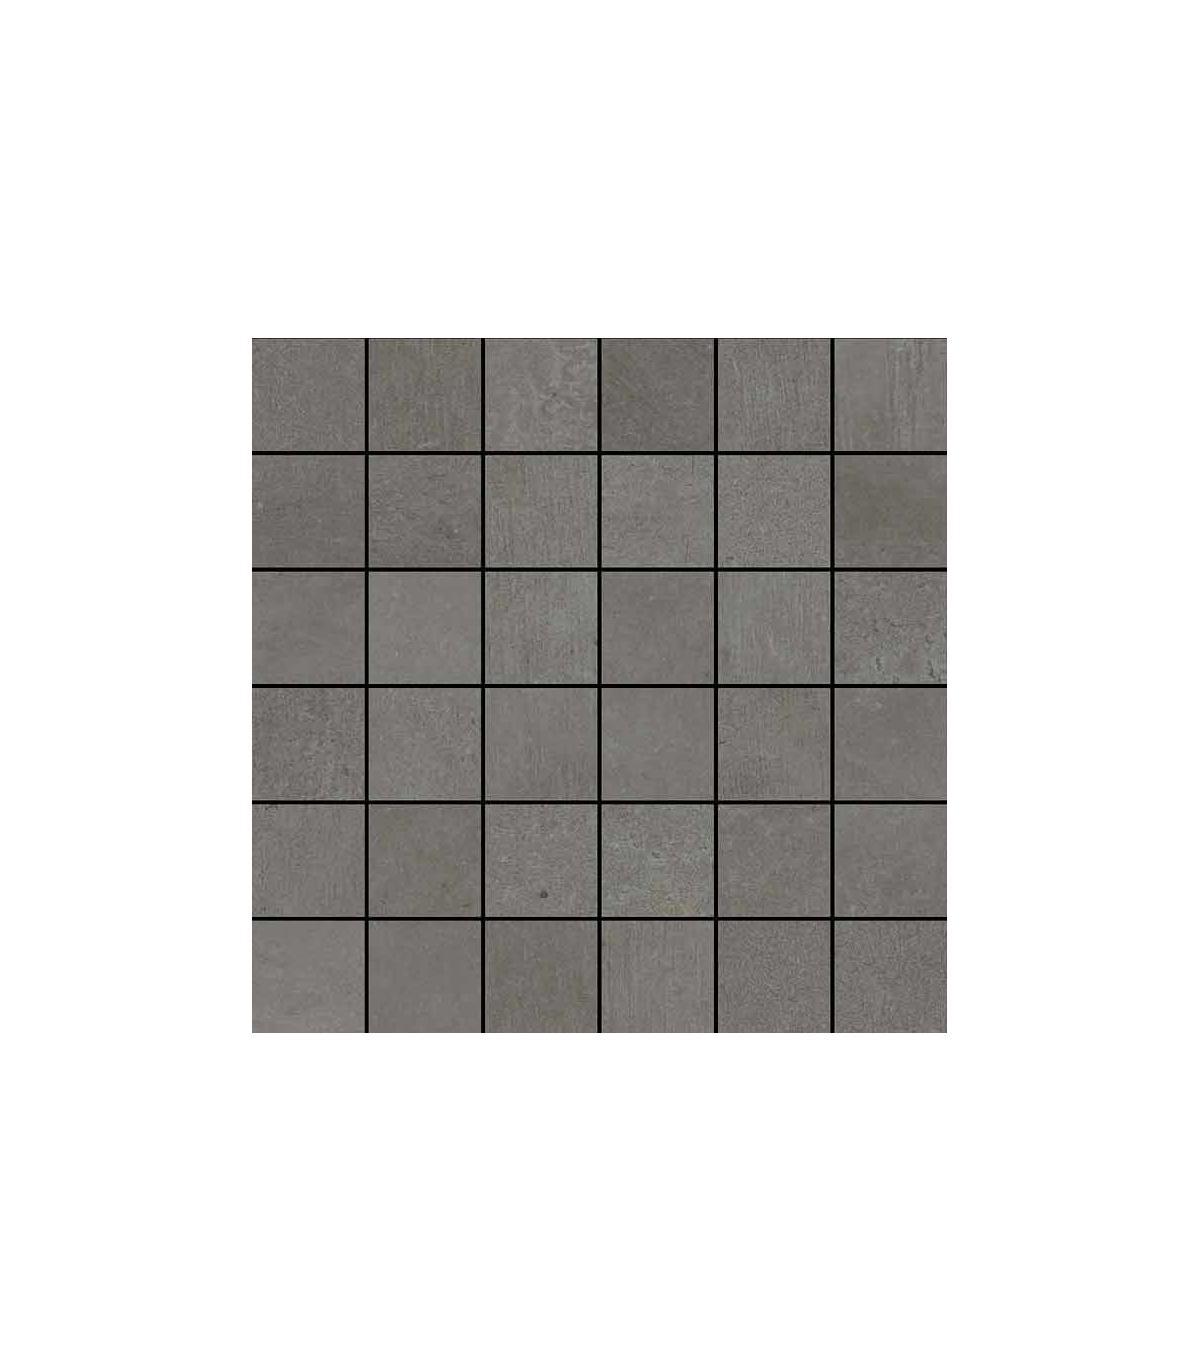 Lavatoio Per Lavanderia Ideal Standard.Ideal Standard Lavabo D Appoggio Ovale Serie Strada Ii Art T298001